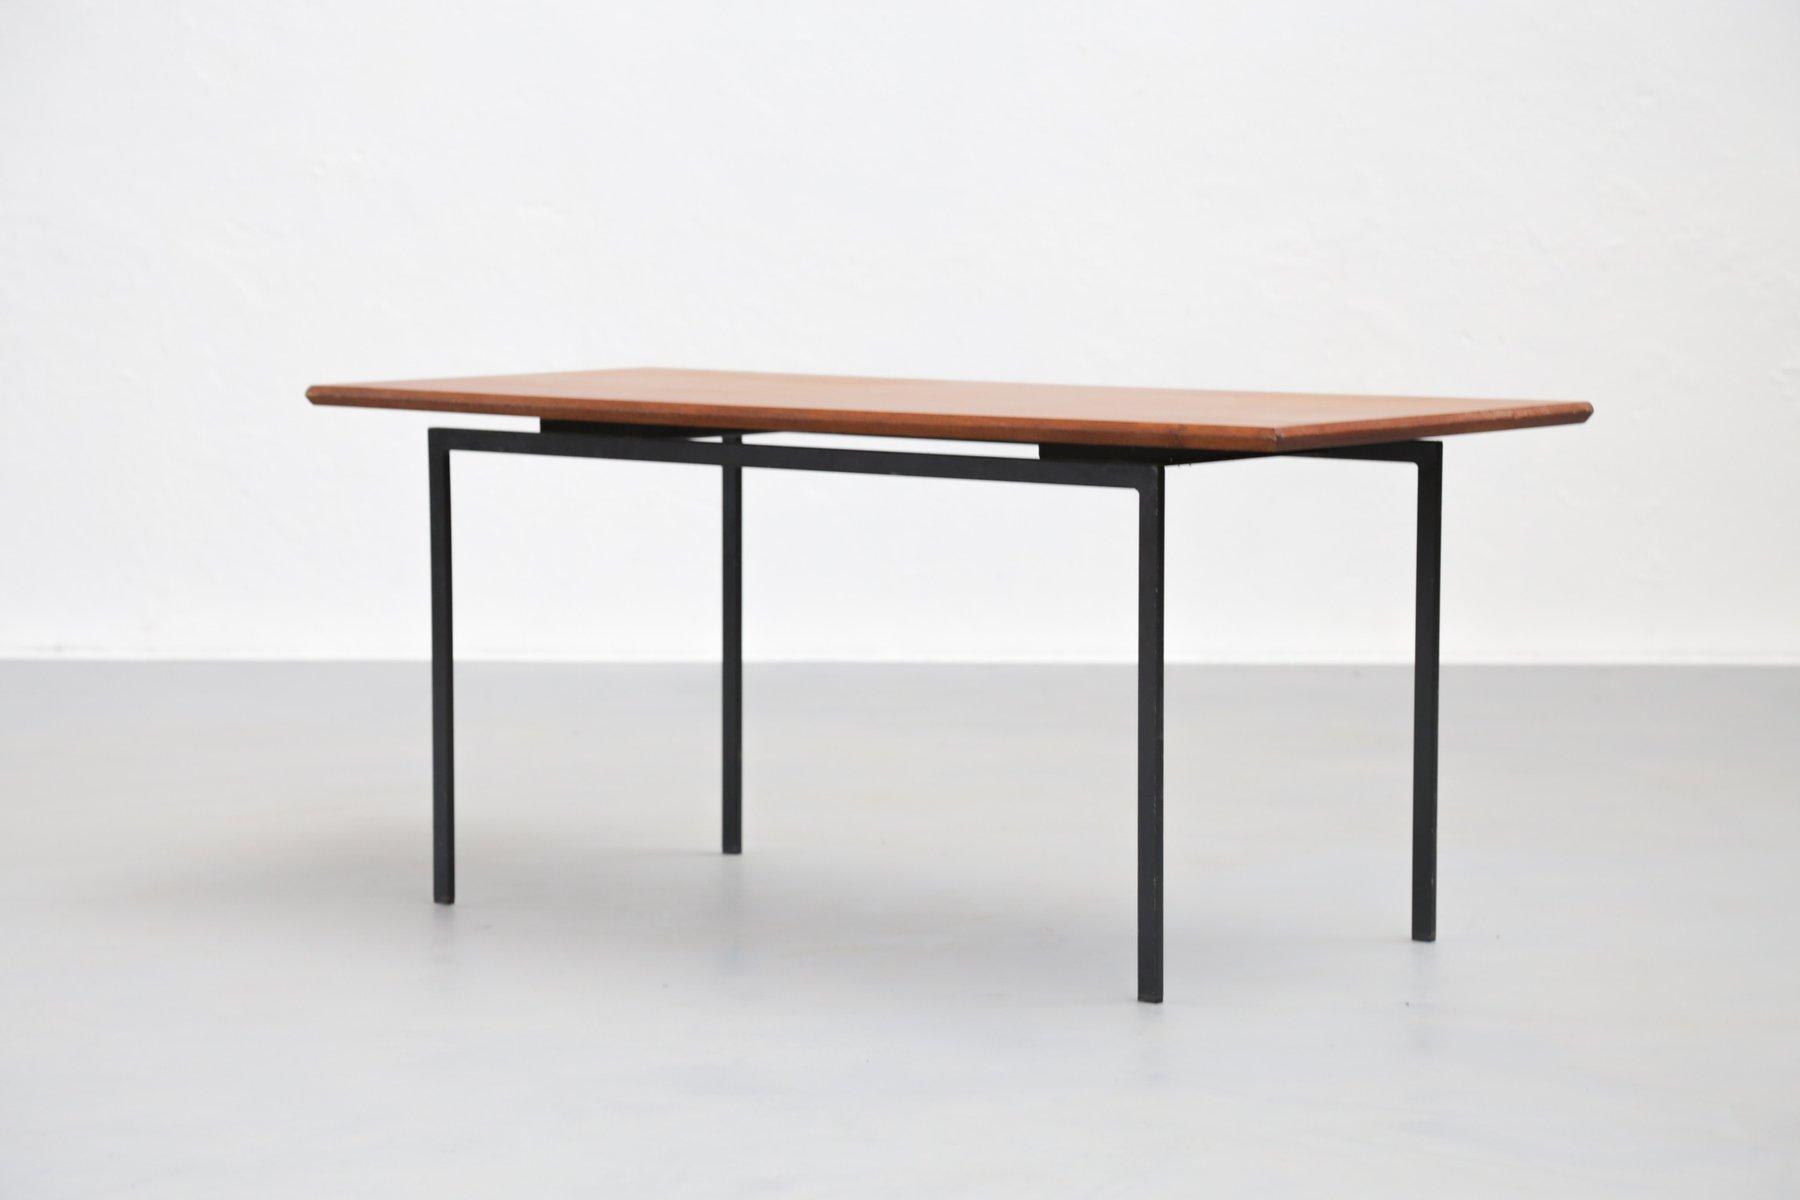 kleiner teak couchtisch 1960er bei pamono kaufen. Black Bedroom Furniture Sets. Home Design Ideas